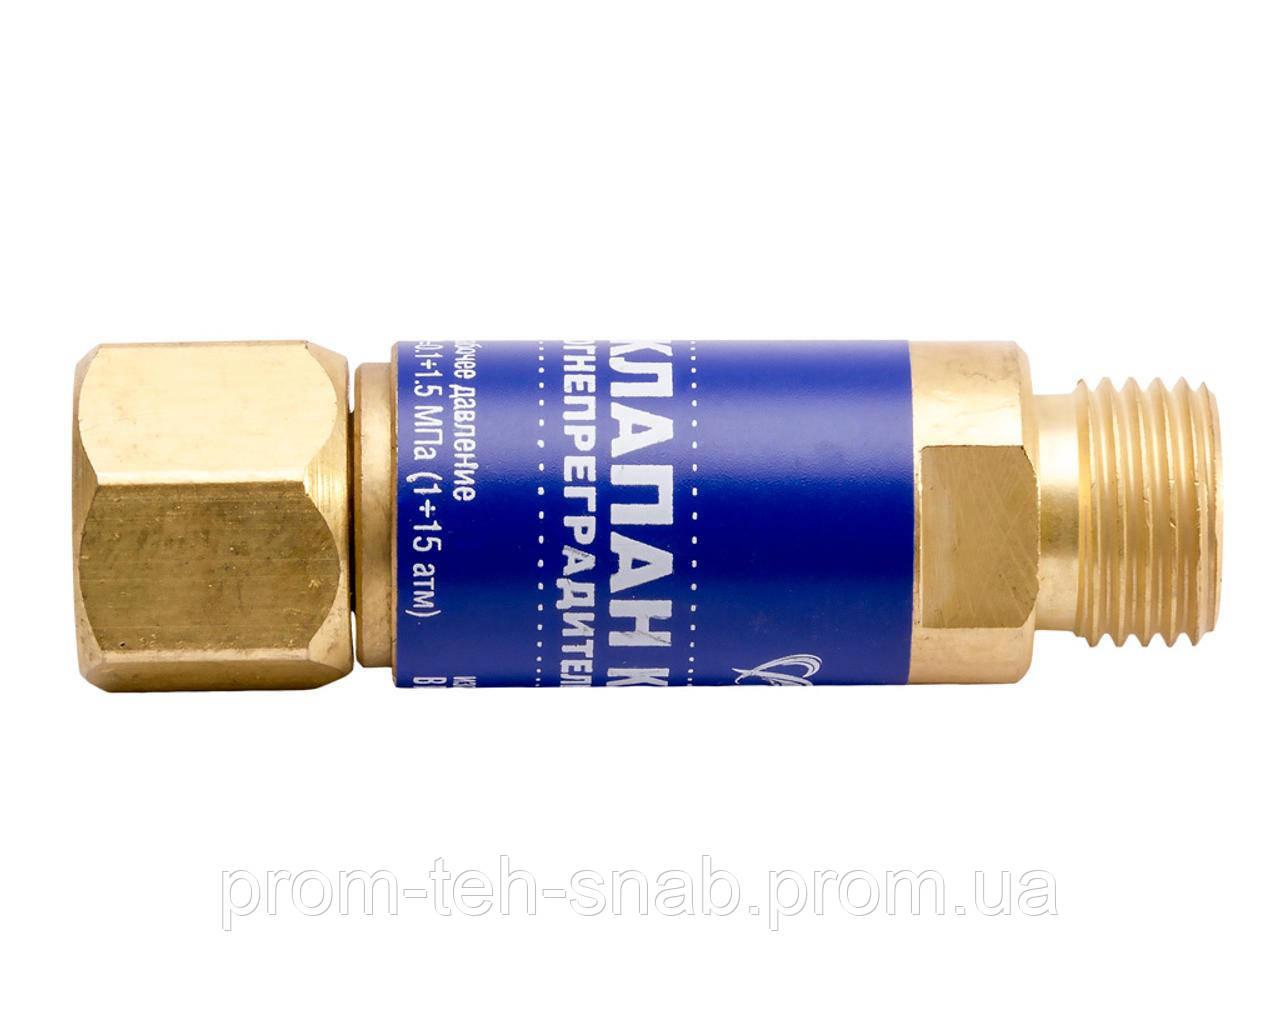 Клапан огнепреградительный  кислородный на резак  Краматорск